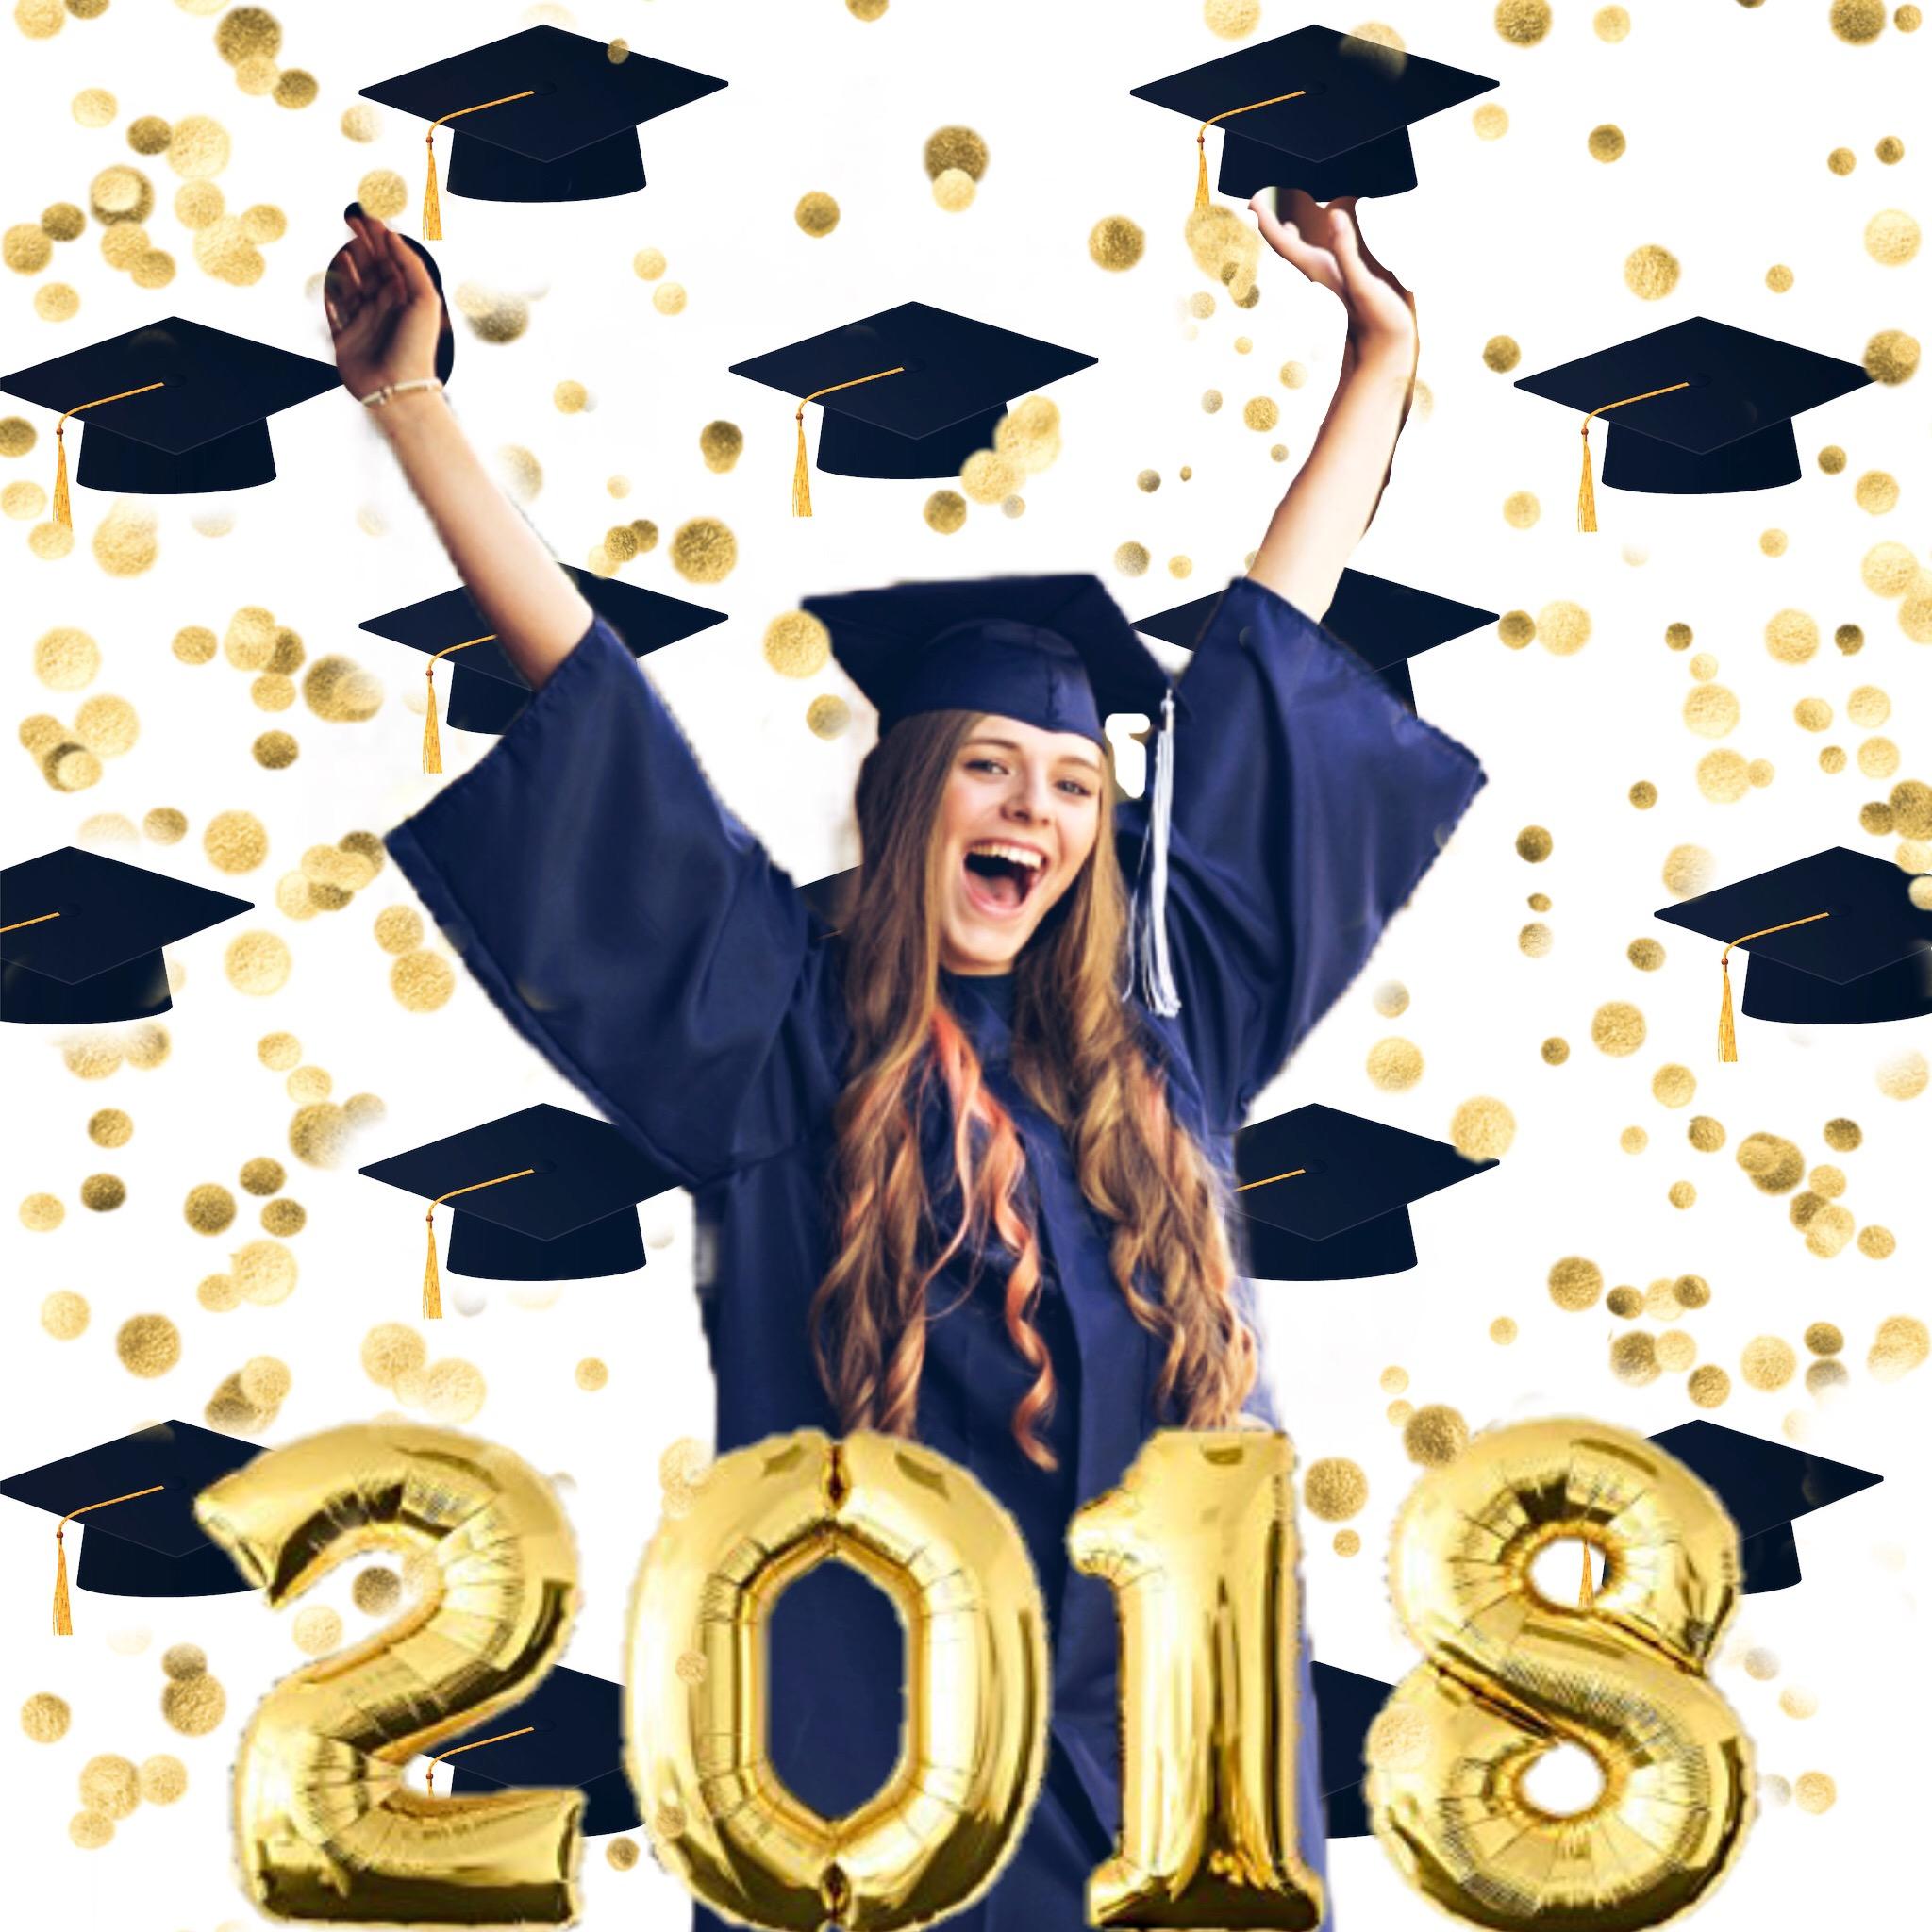 #freetoedit #2018 #classof2018 #grad #congrats